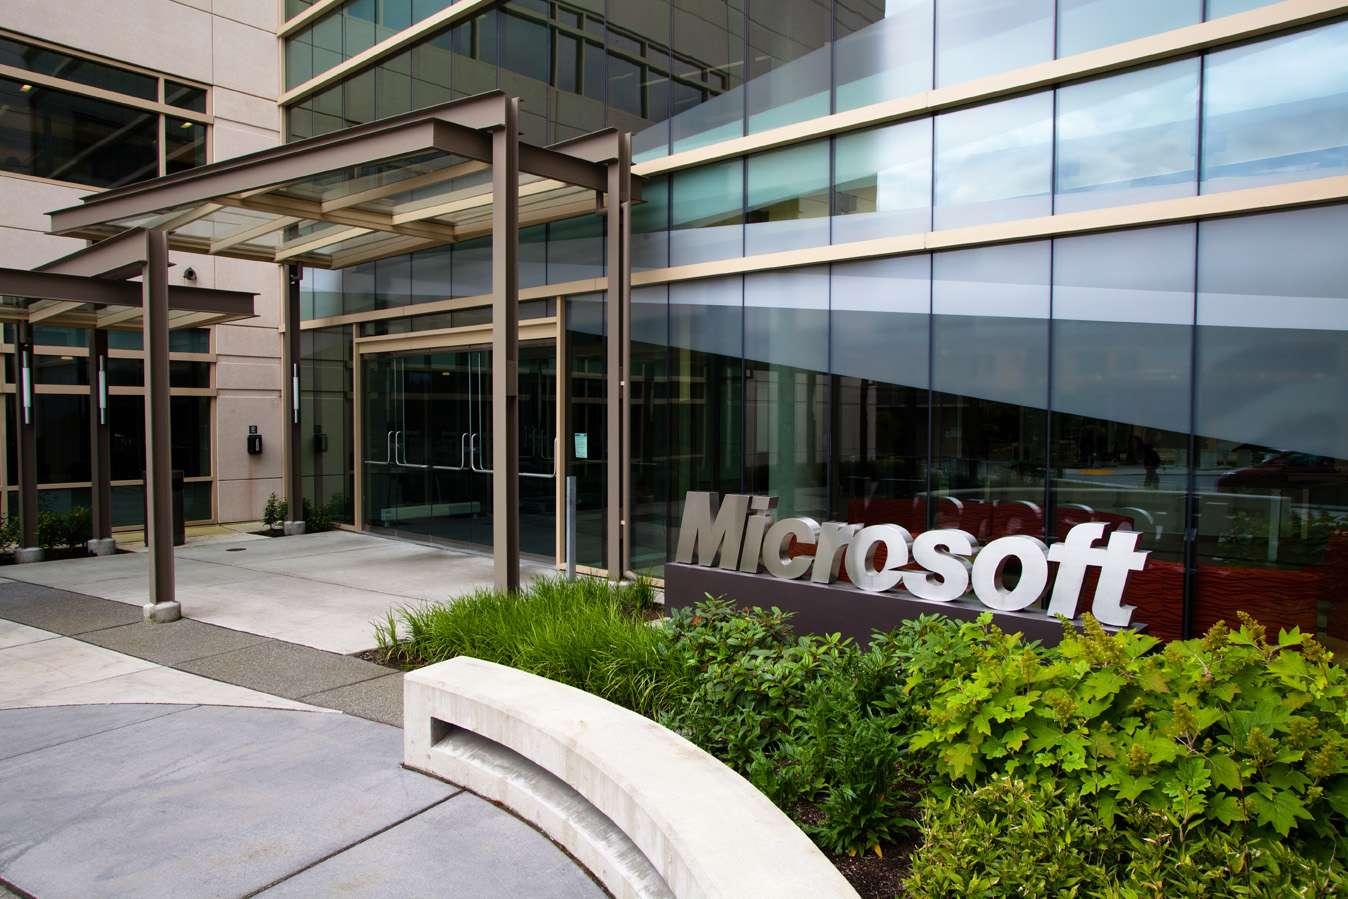 C'est dans cet immeuble du campus de Redmond (États-Unis), que Microsoft conduit ses recherches mêlant le réel et le virtuel, notamment avec Kinect Fusion et Lightspace. © Microsoft